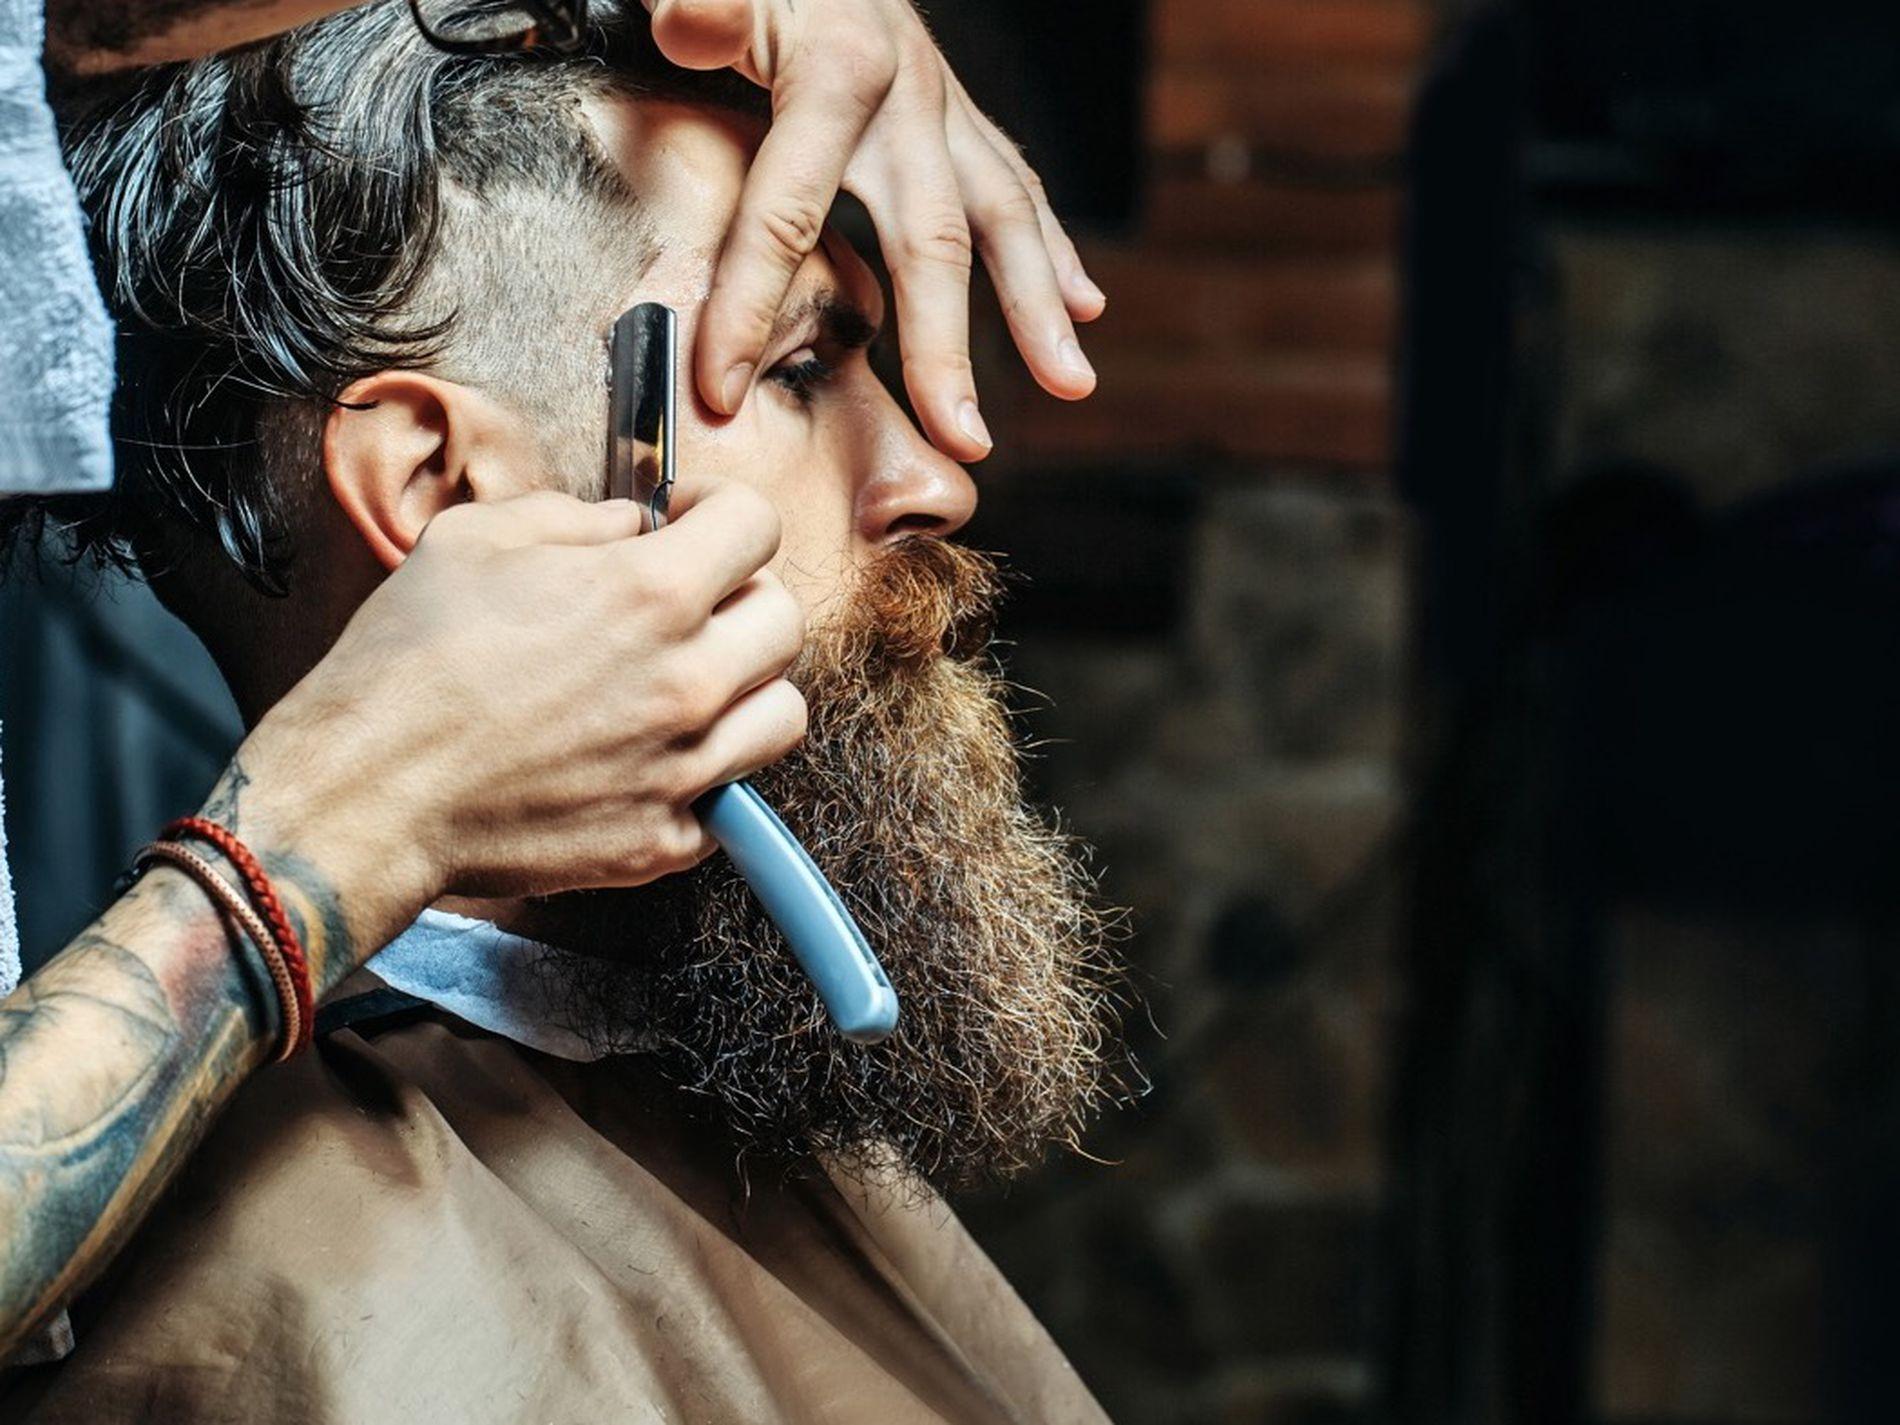 Barber Shop Business for Sale Melbourne